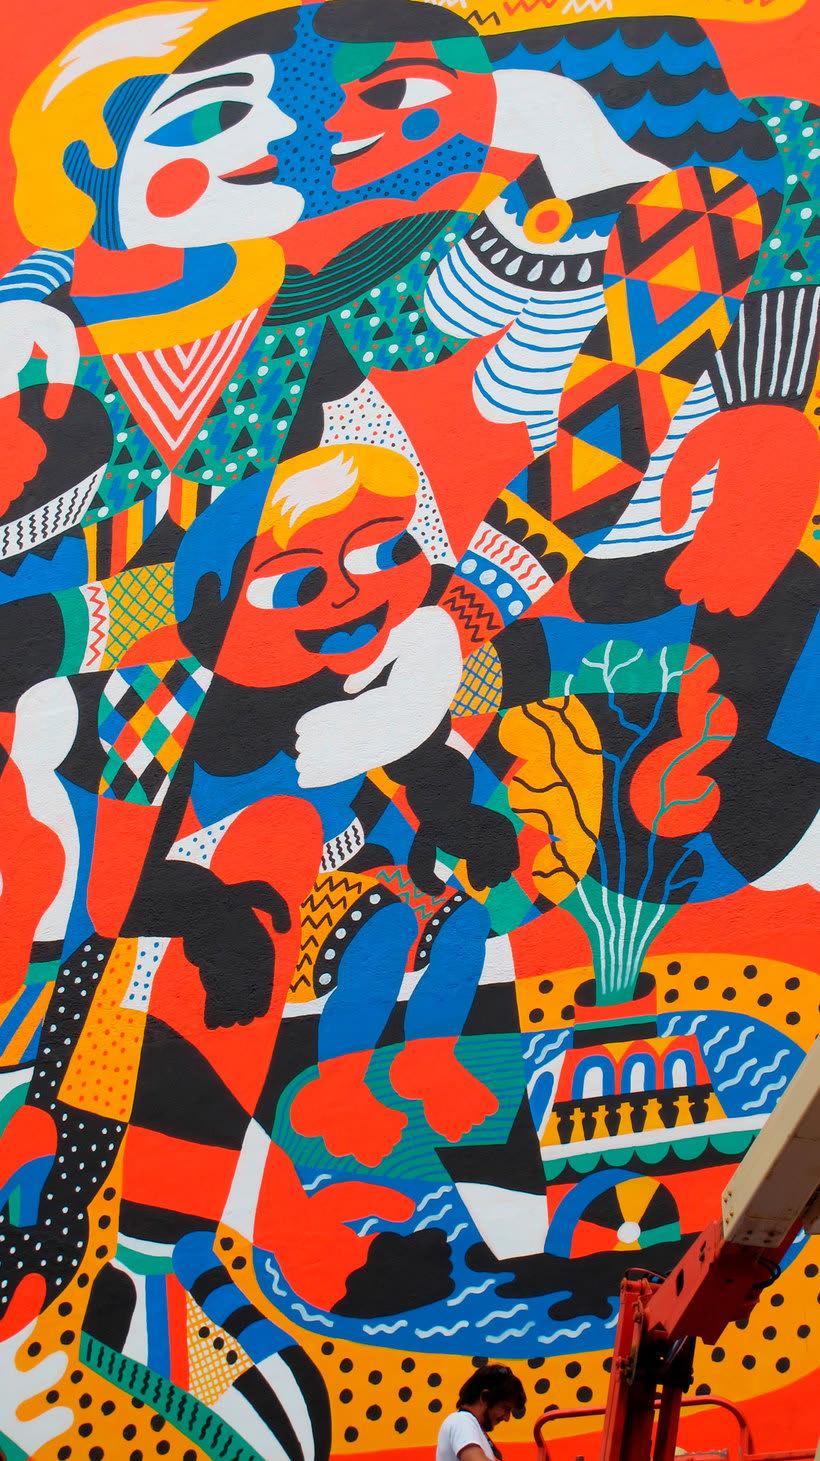 Arte urbano primigenio de la mano de 3ttman 19